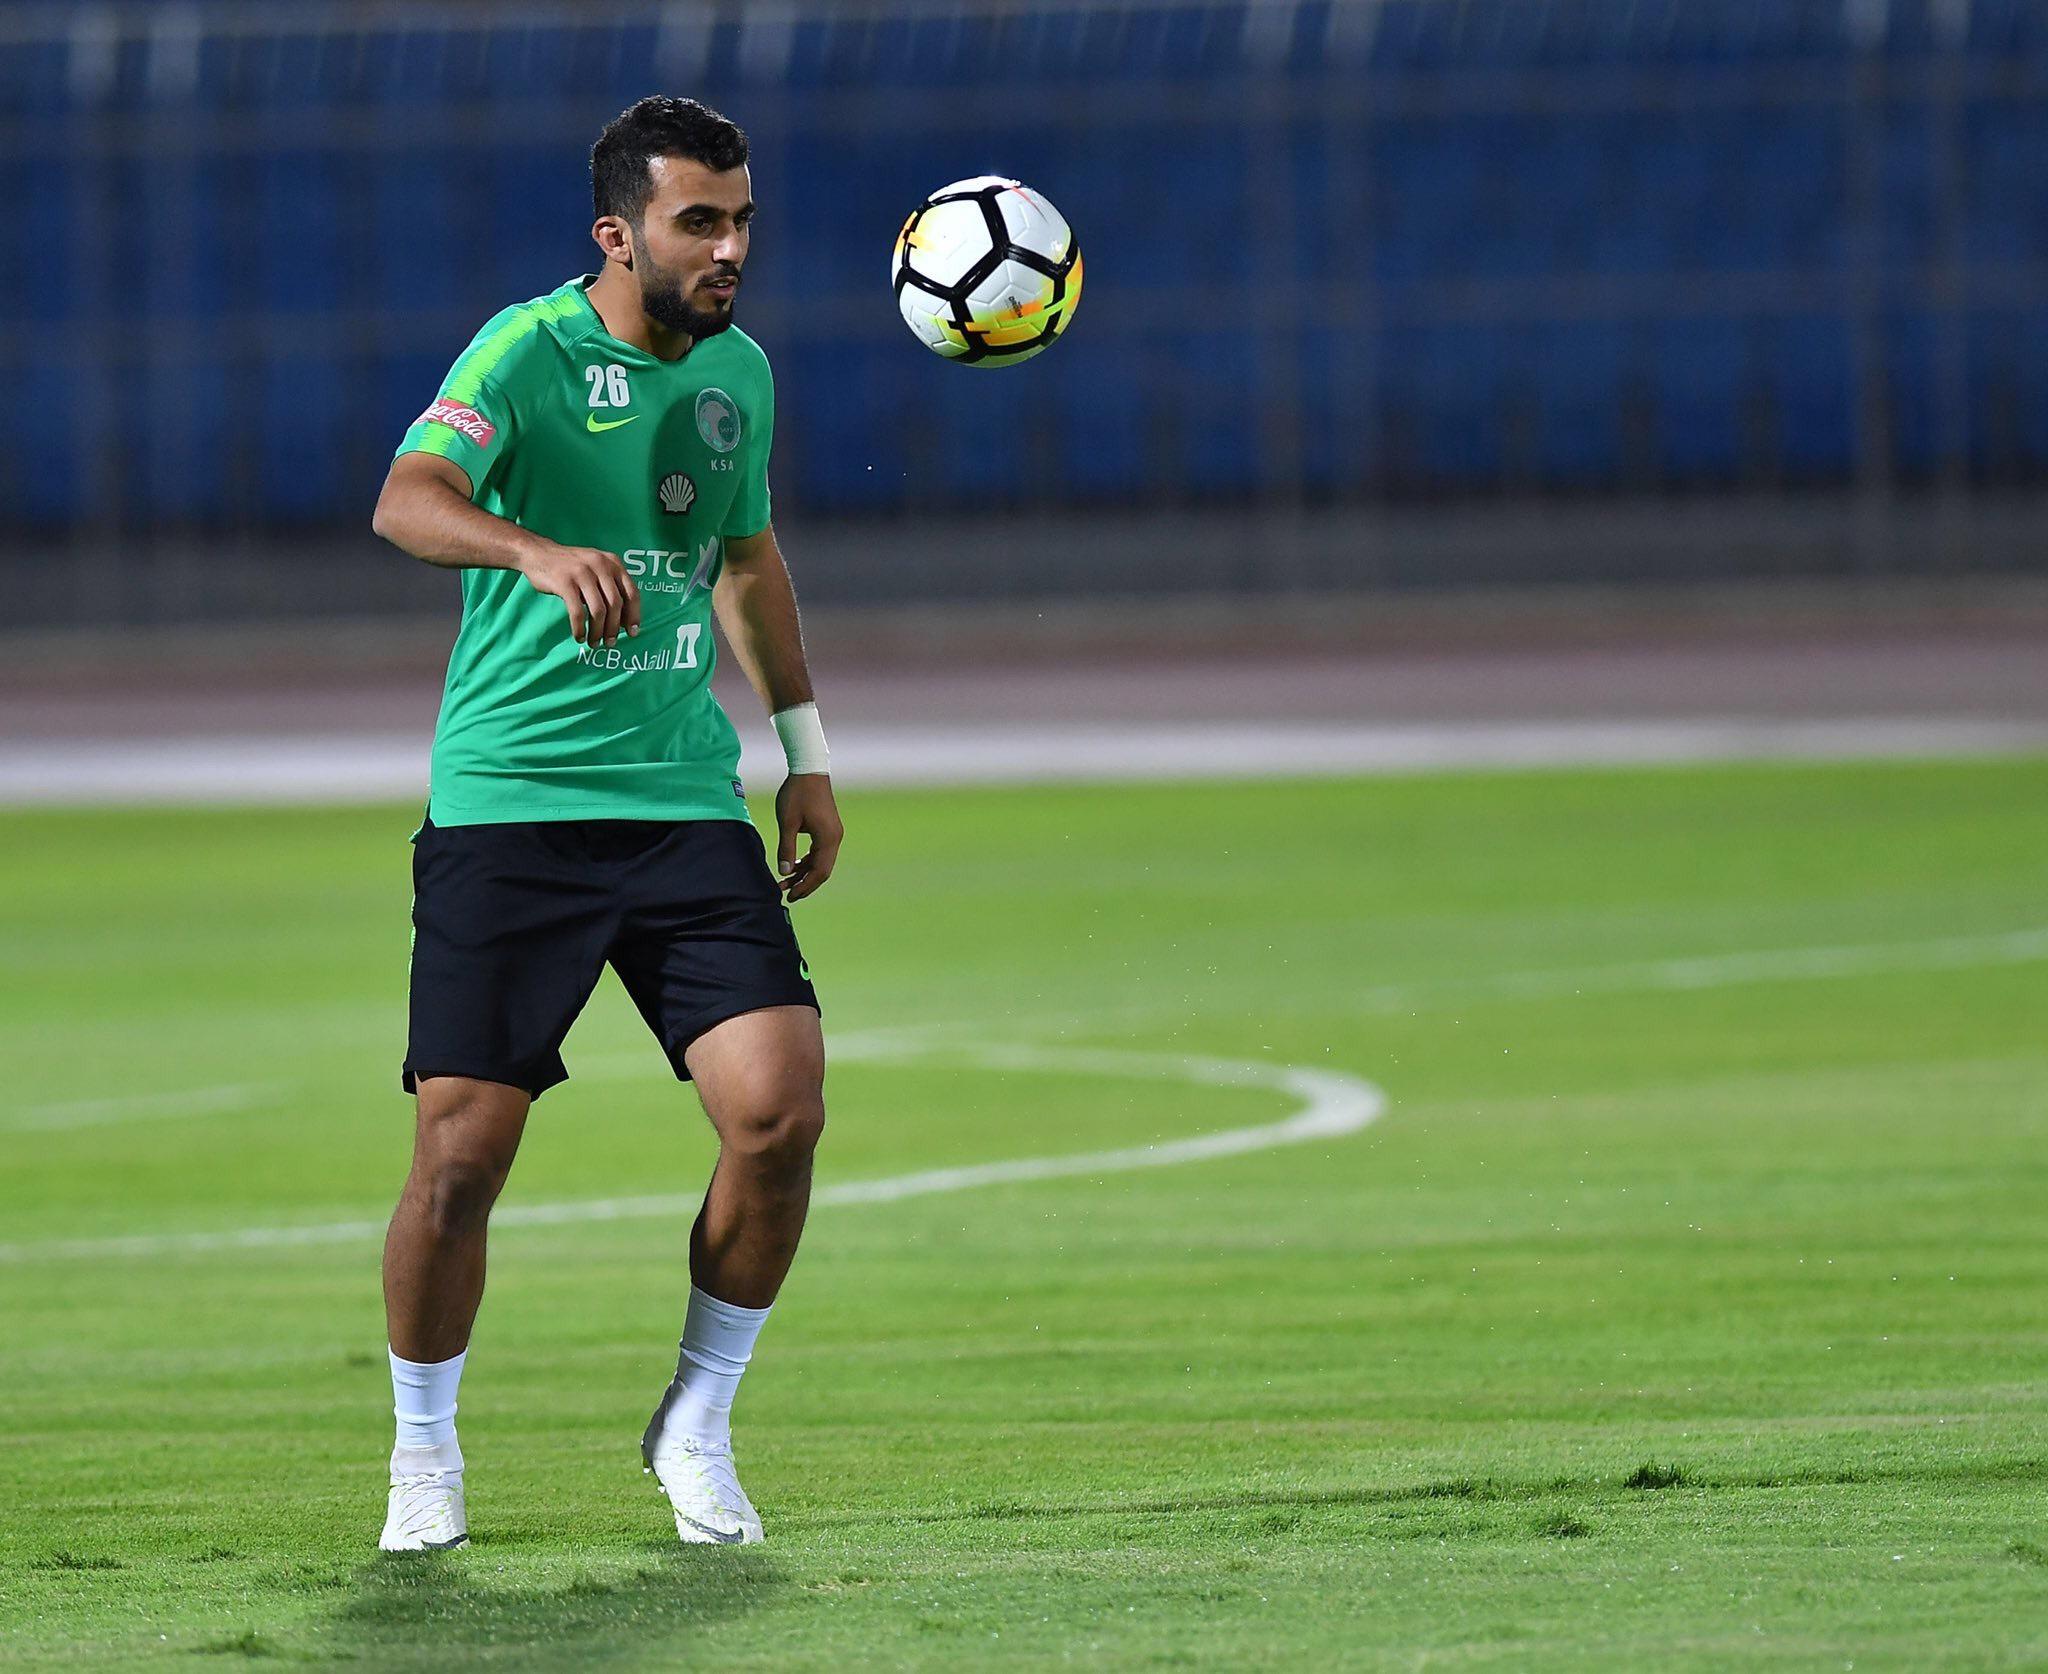 حمد آل منصور: سأثبت نفسي في قائمة الأخضر الأساسية